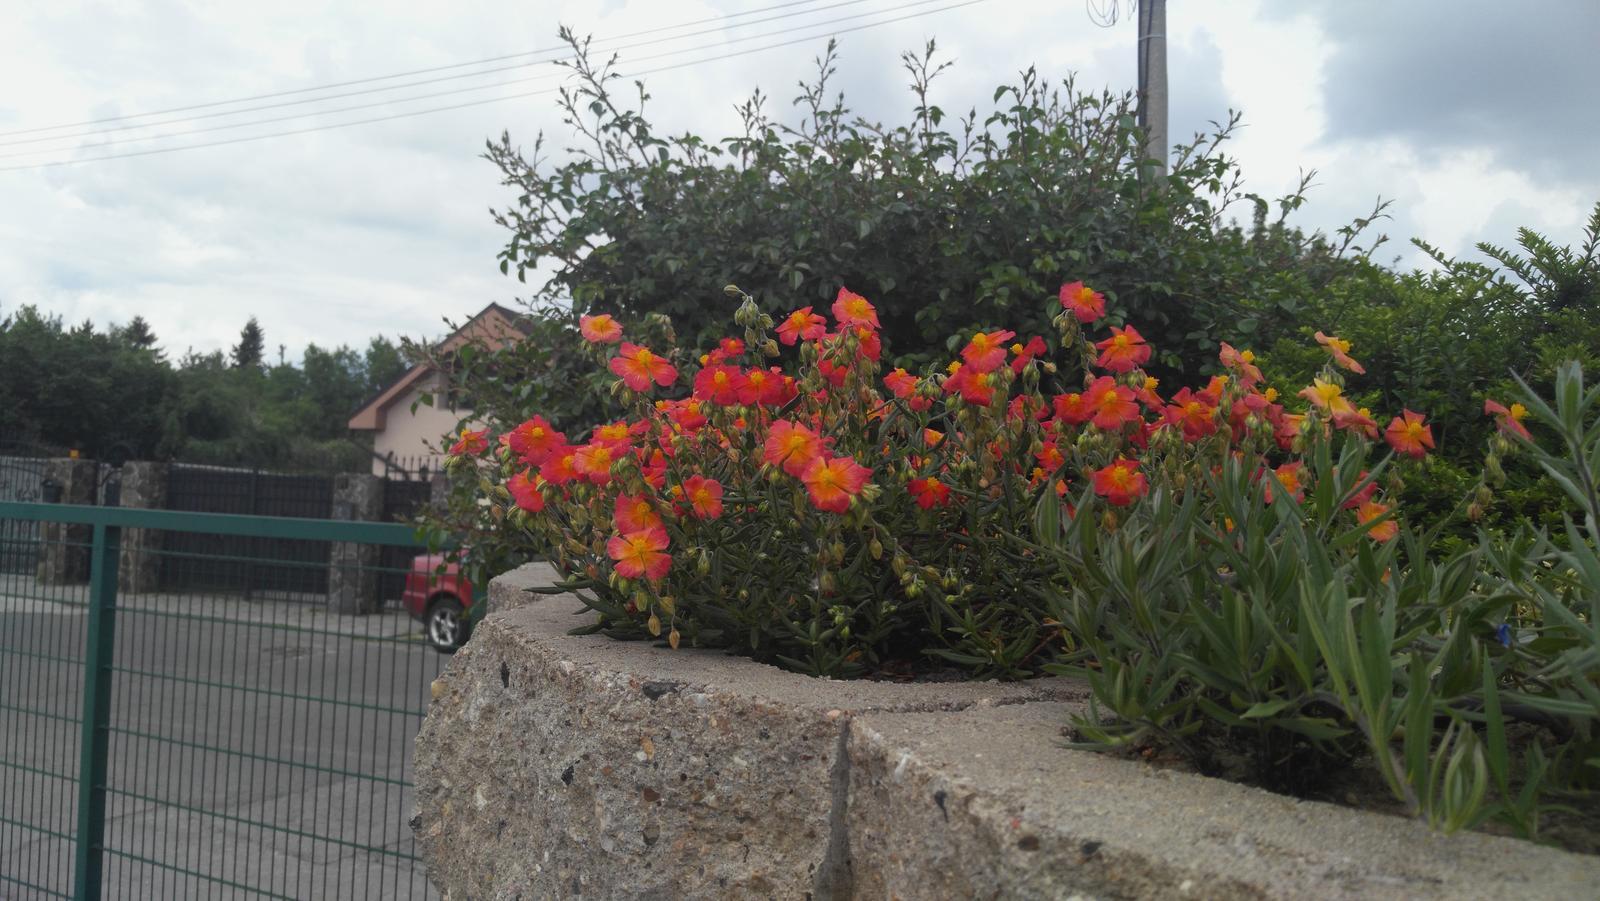 07 Vegetačný oporný múr sa na jar prebúdza ( rozšírené 19.6.2020 ) - 2017 05 22 Rozkvitnutá ľavá horná časť múru, ruže v pozadí už čoskoro zakvitnú.